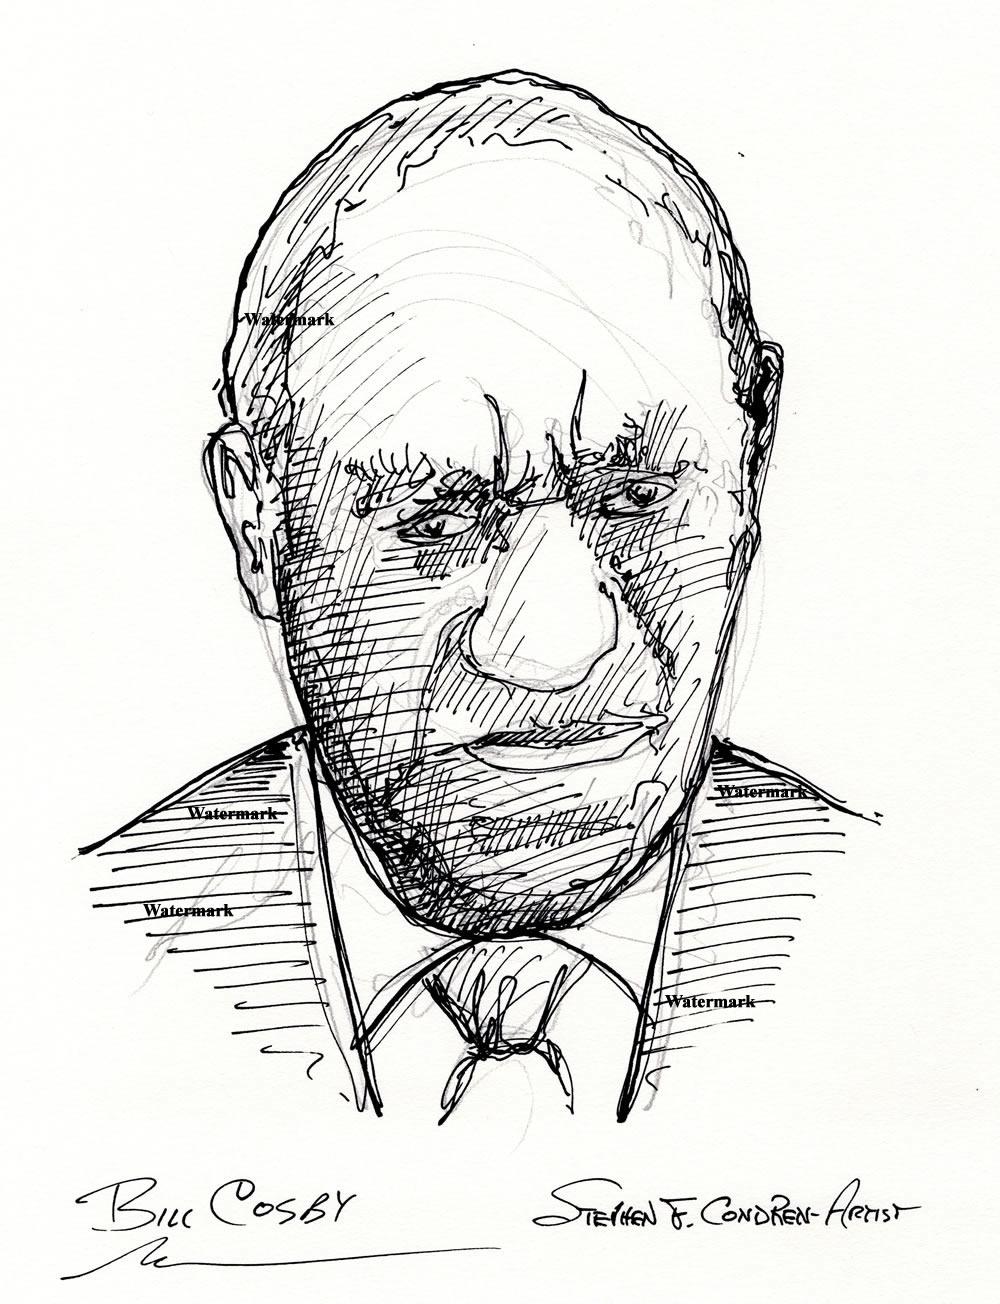 Bill Cosby celebrity art pen & ink drawing